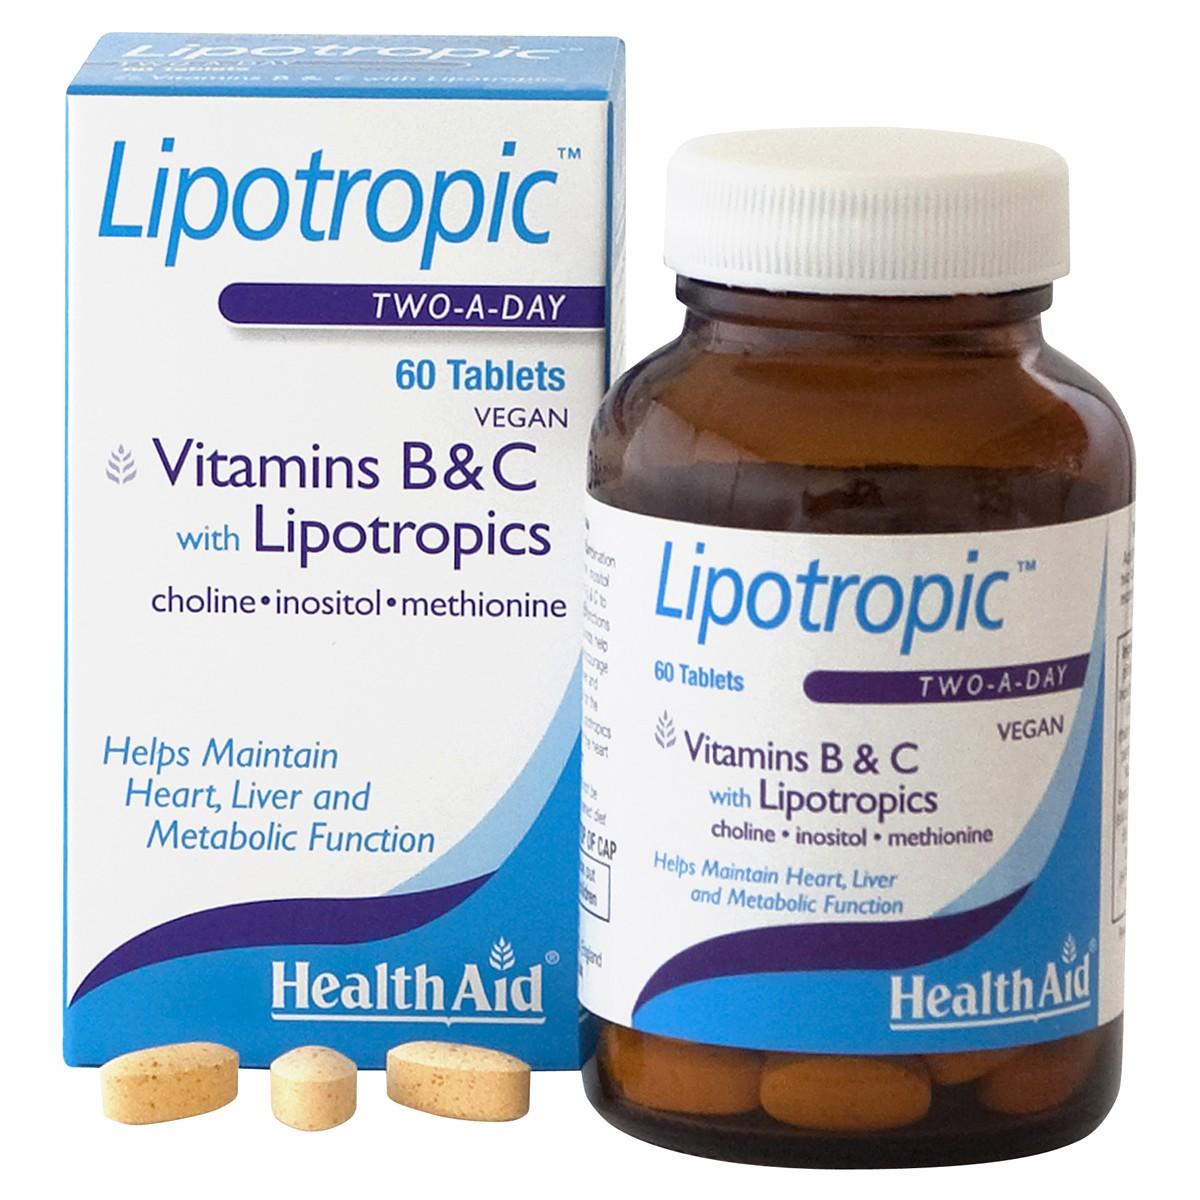 HealthAid Vitamins B & C with Lipotropics